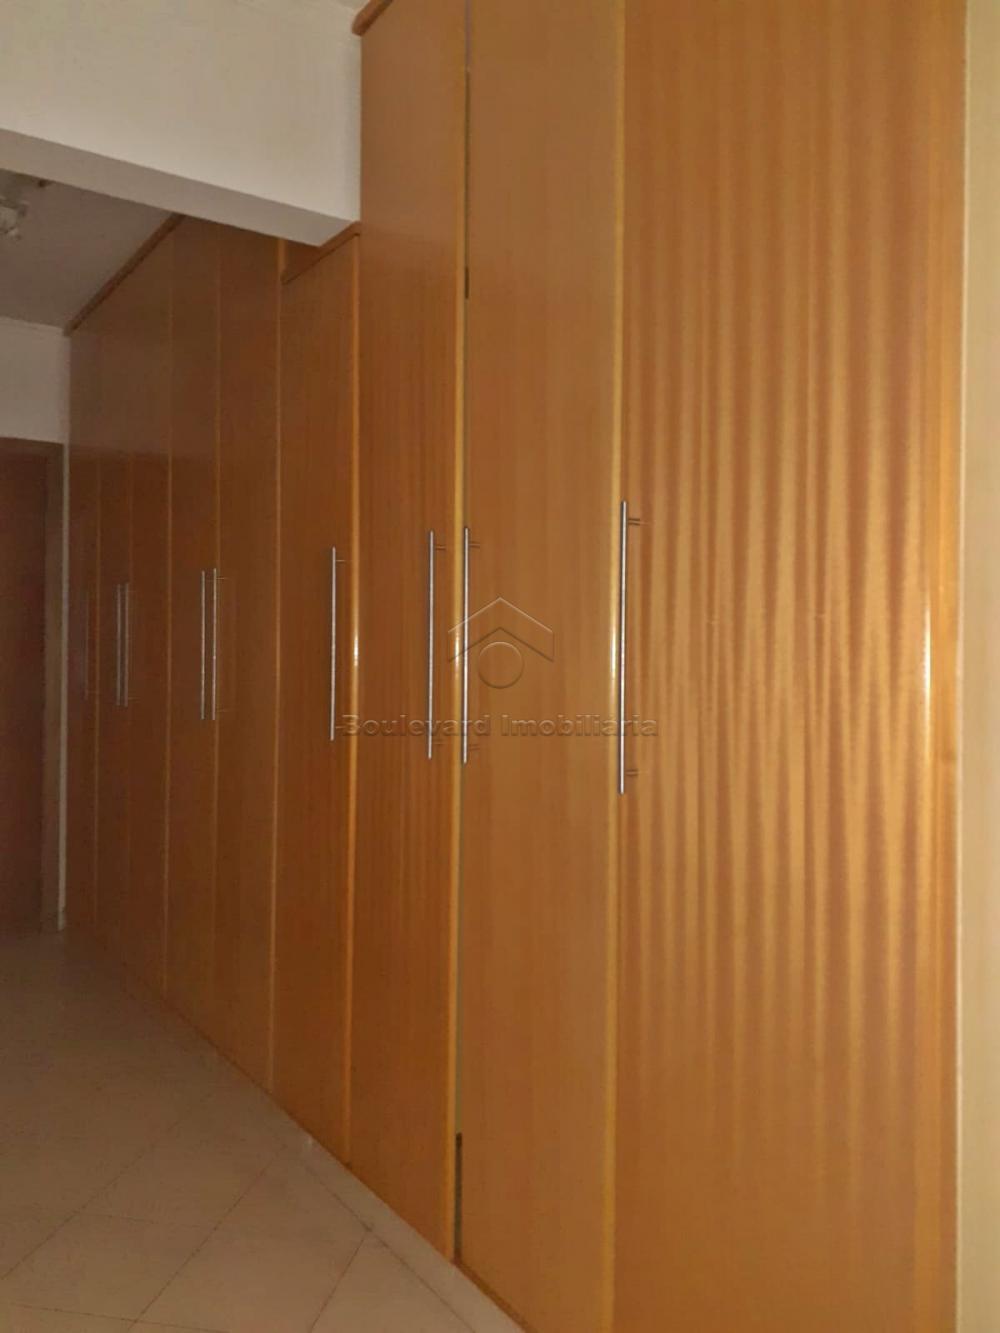 Alugar Apartamento / Padrão em Ribeirão Preto R$ 2.600,00 - Foto 18